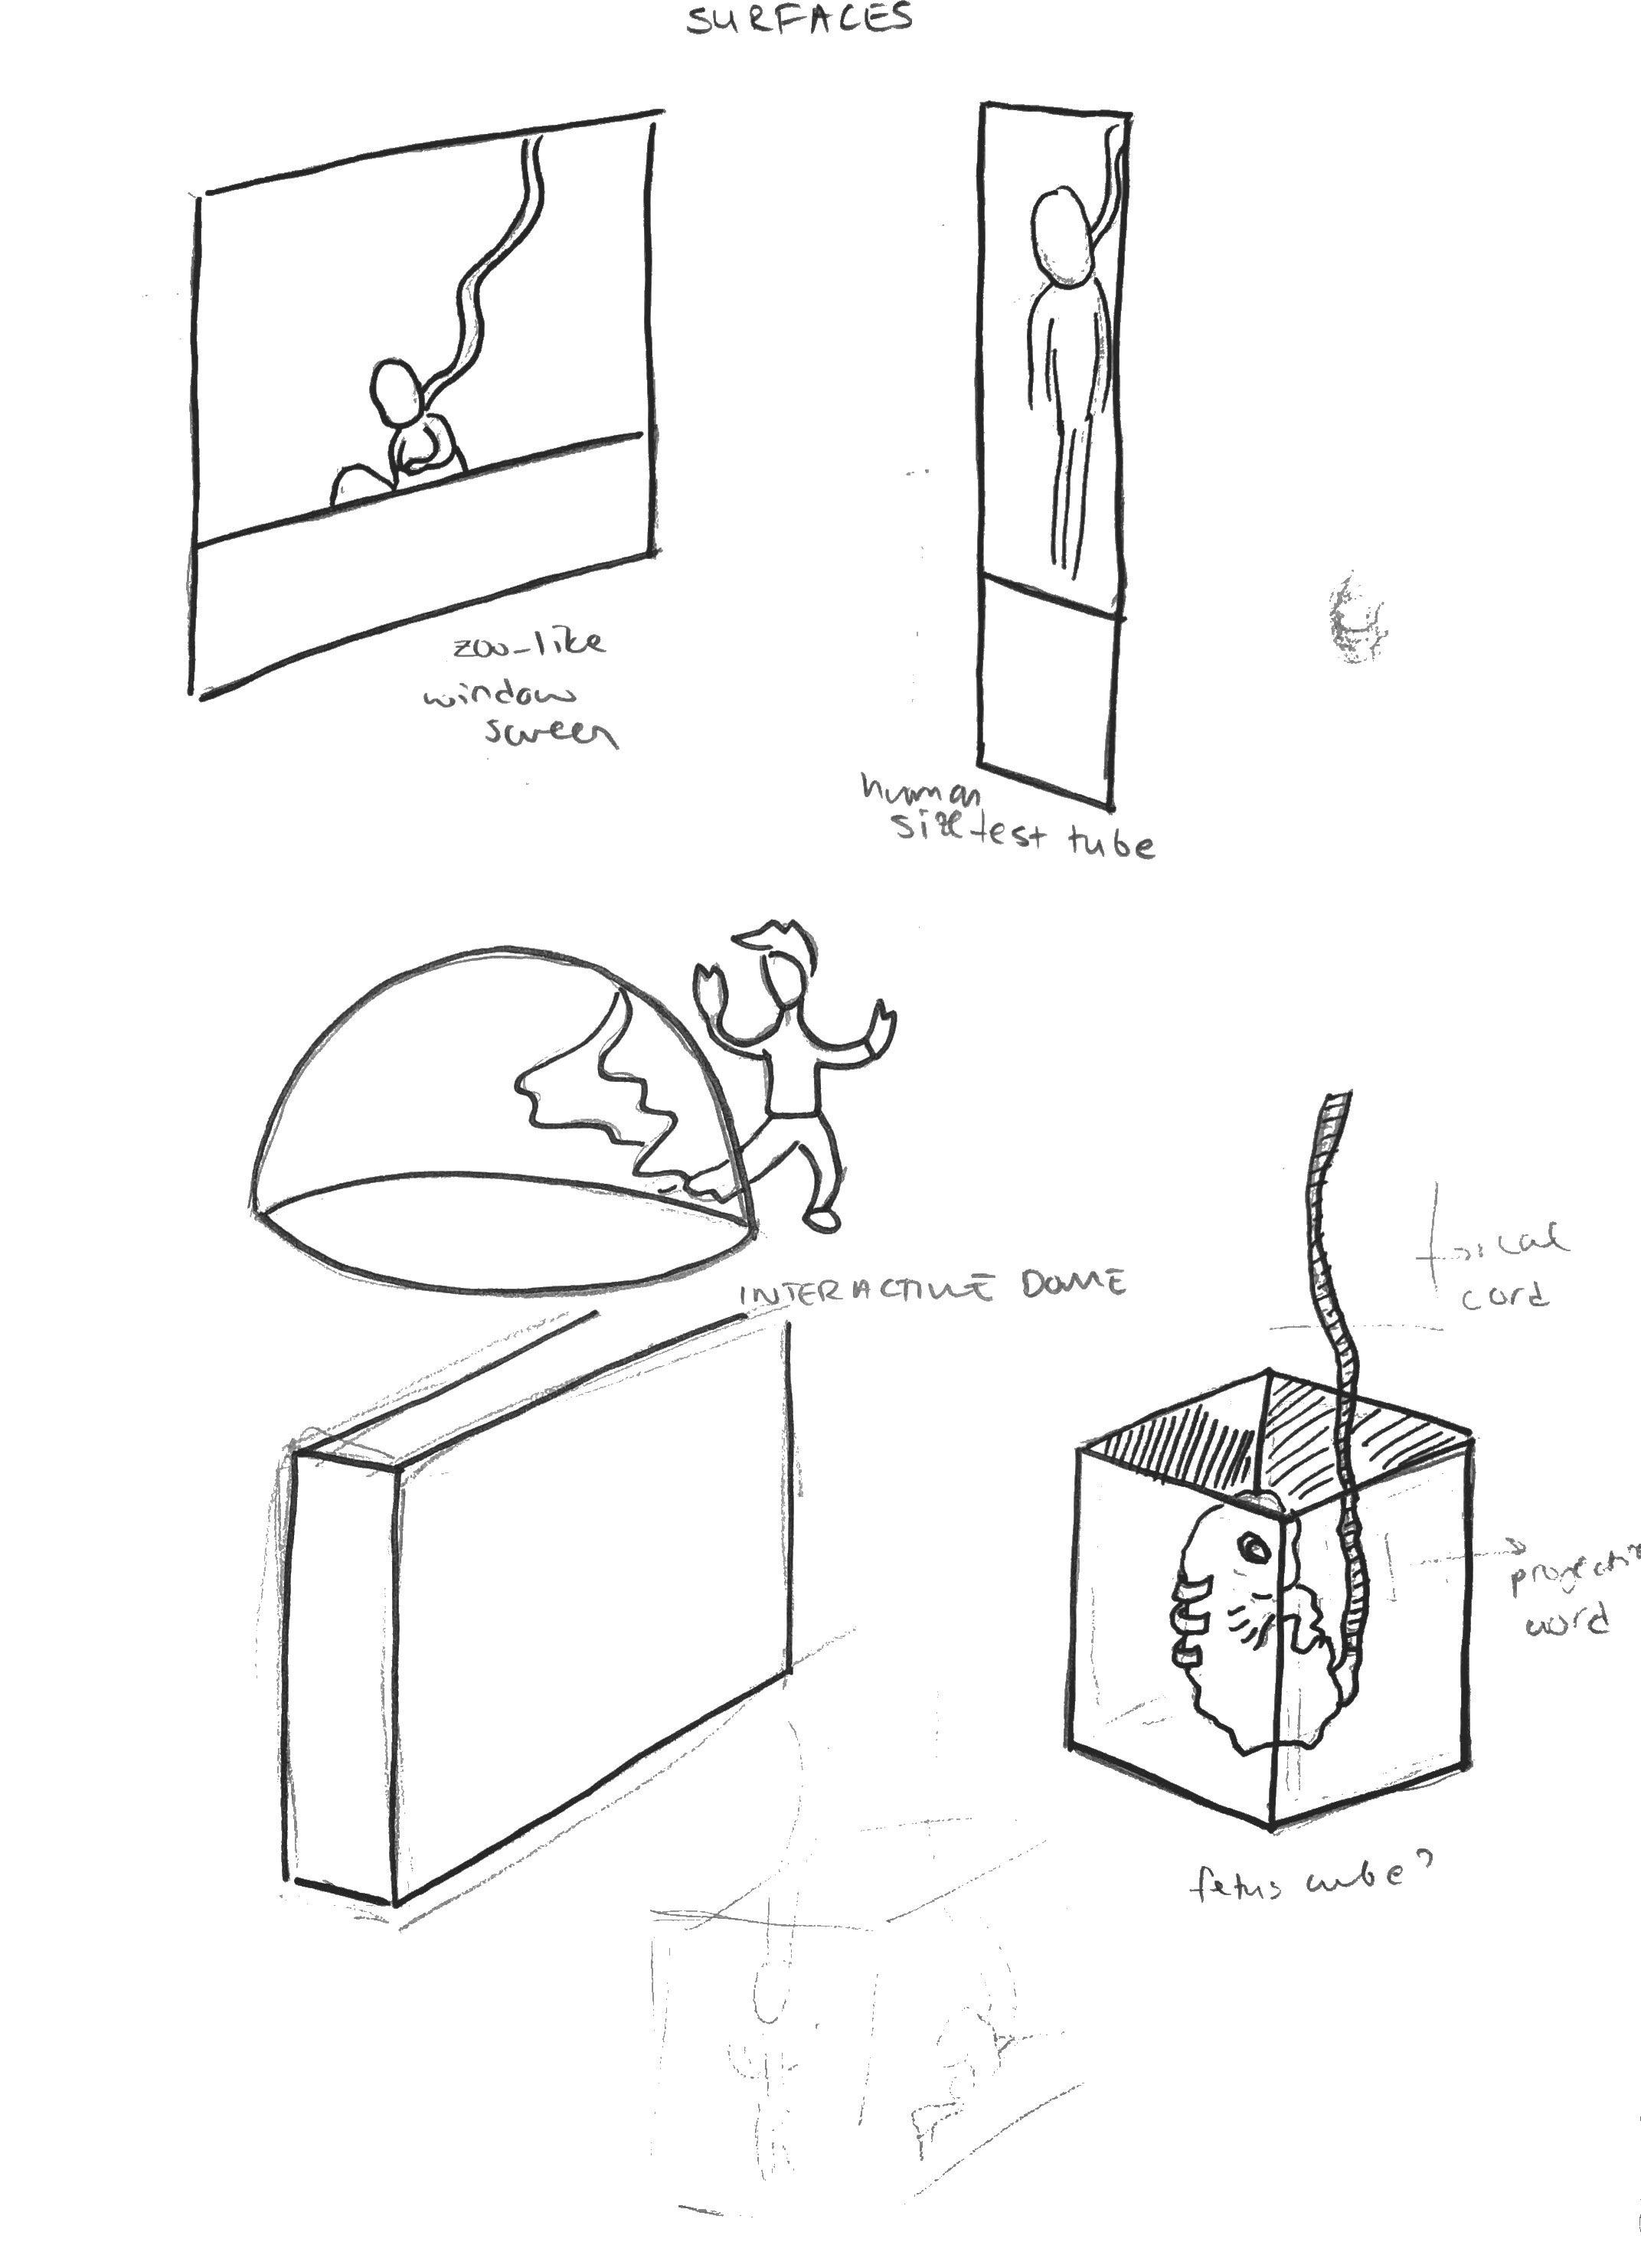 2018-12-12 12-21 page 8.JPEG